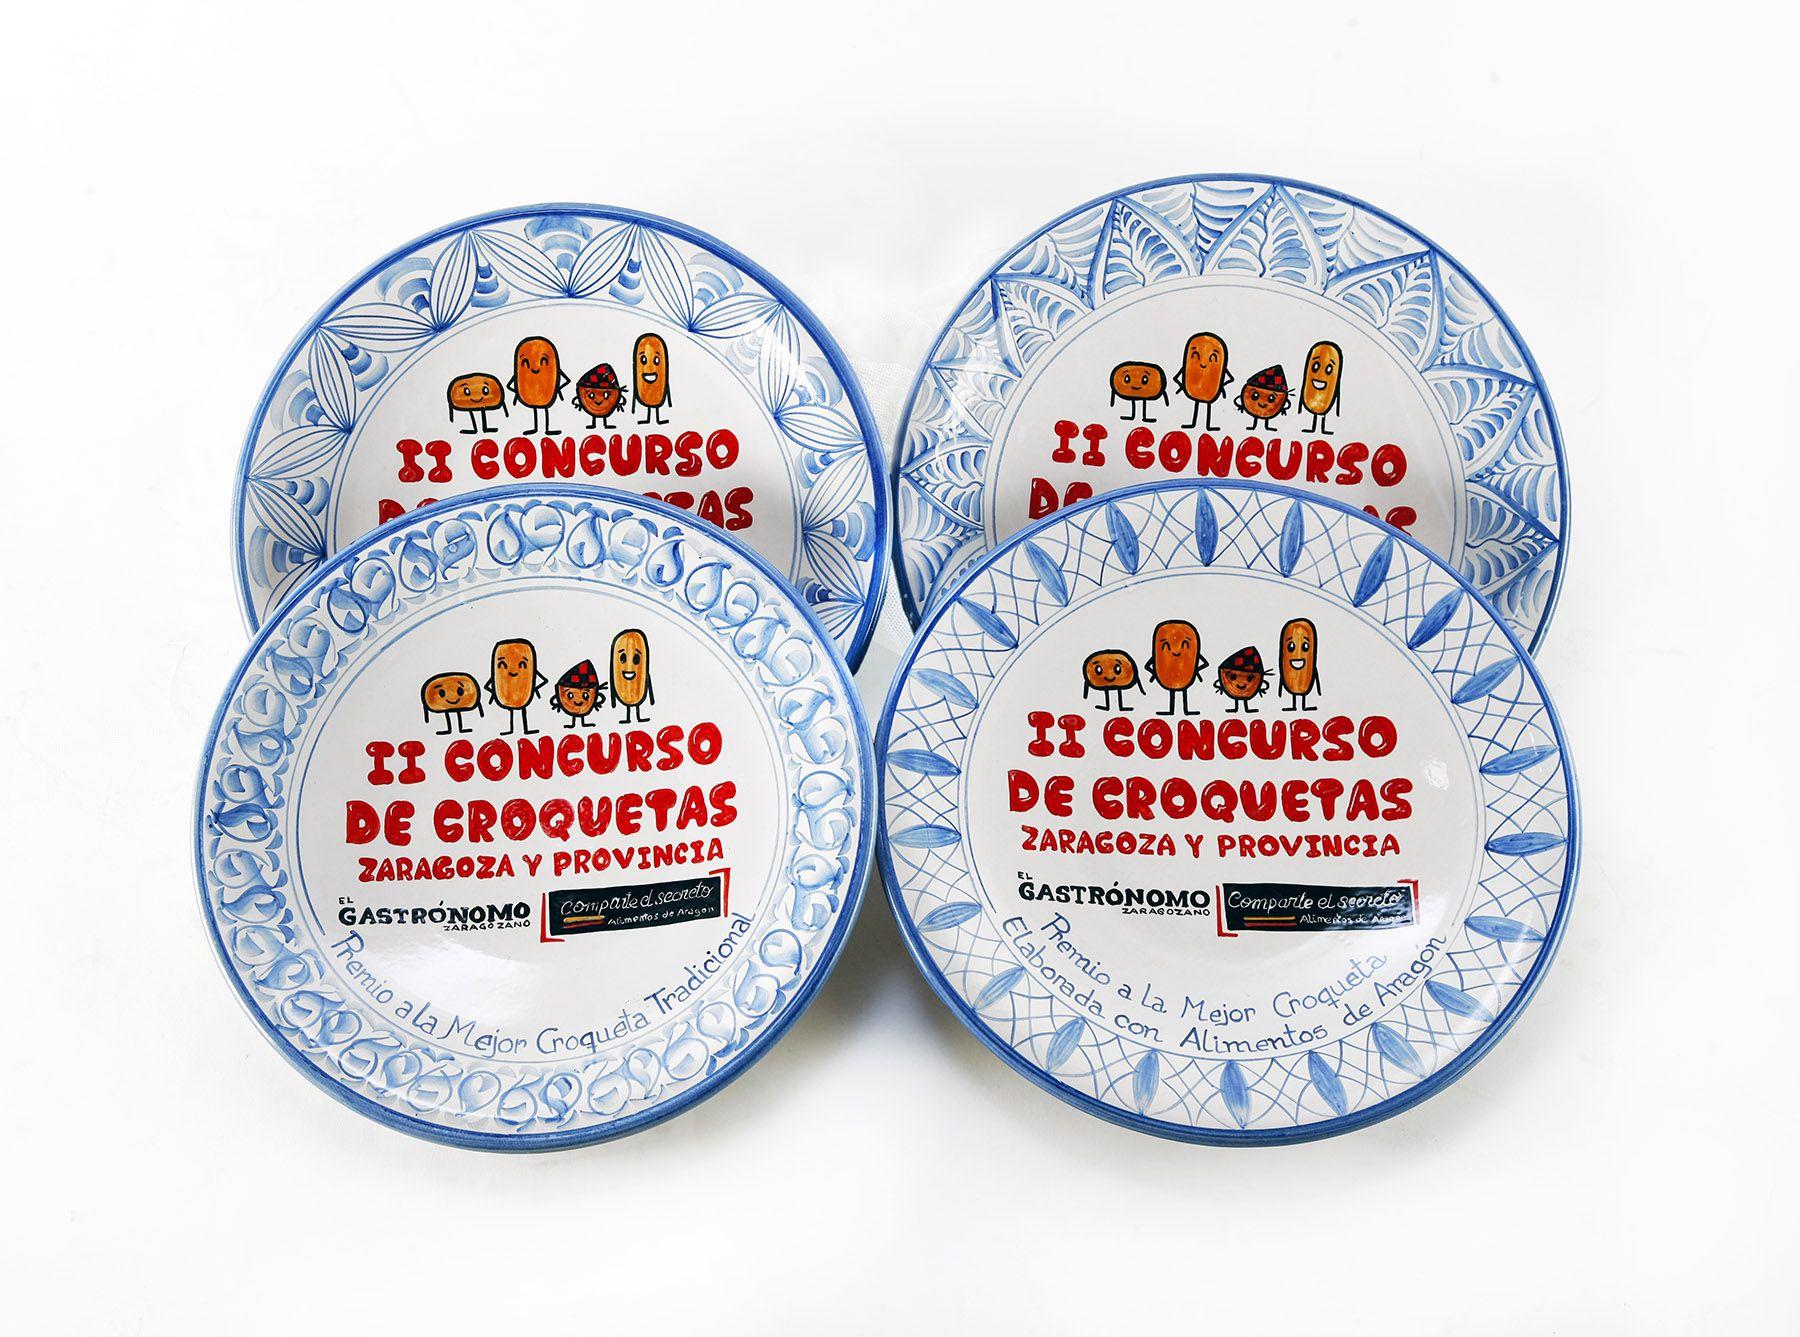 La gran final del II Concurso de Croquetas de Zaragoza y provincia será el próximo lunes, 7 de septiembre